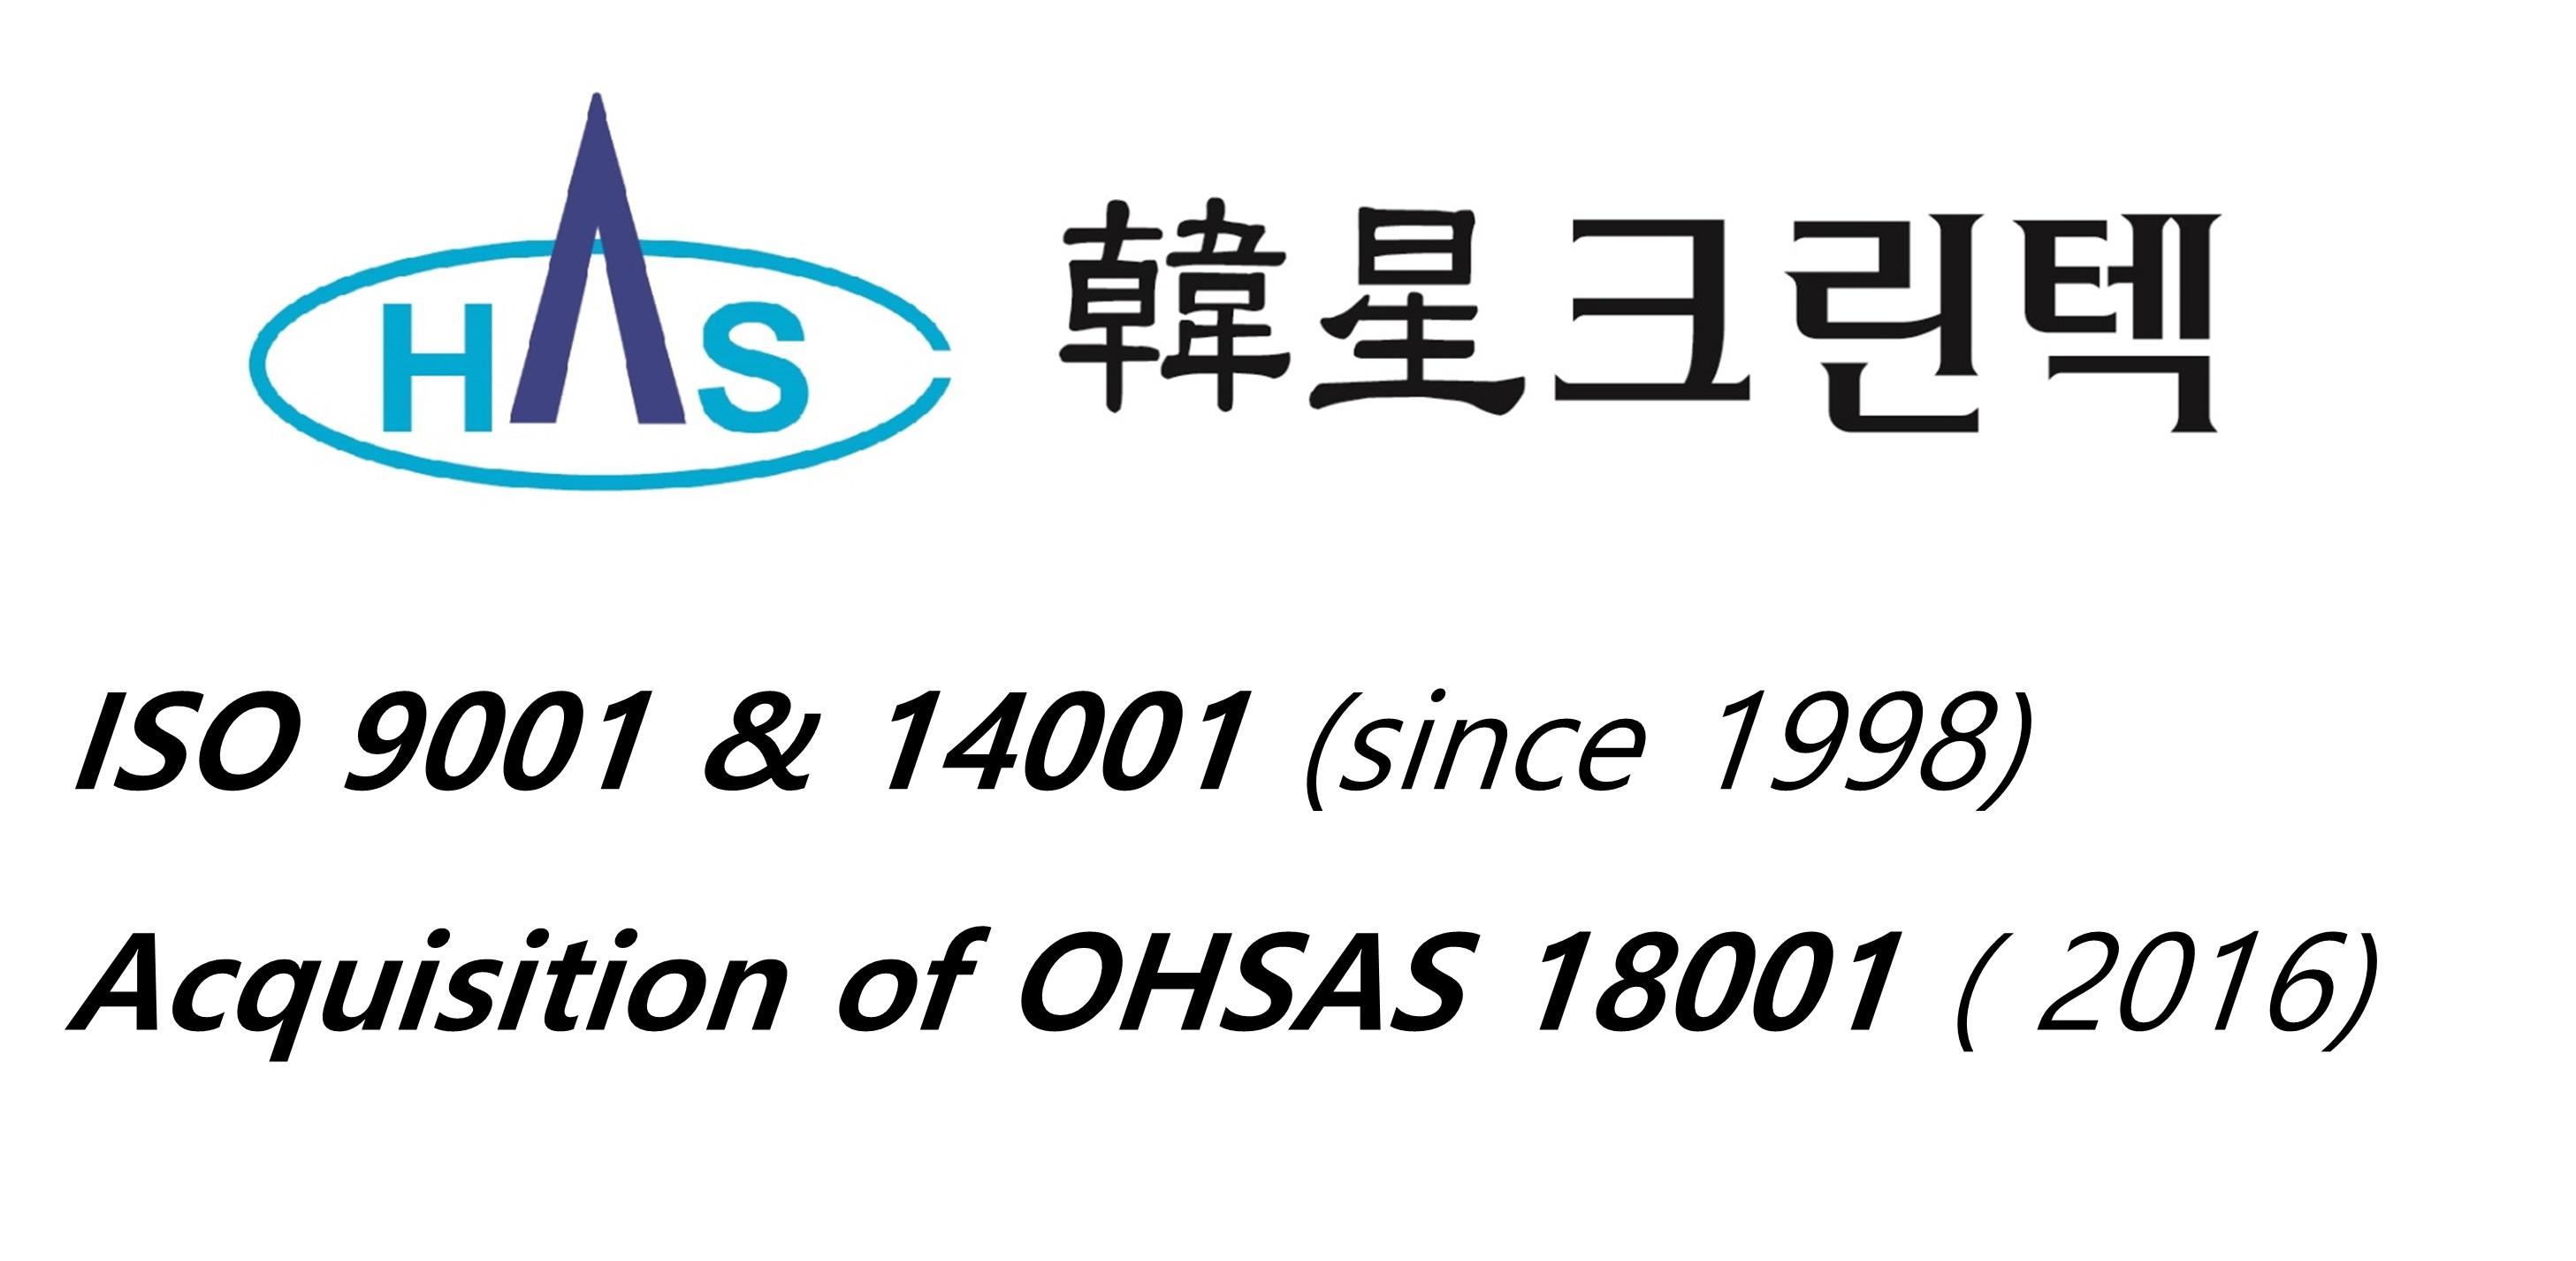 ISO HASCO.jpg